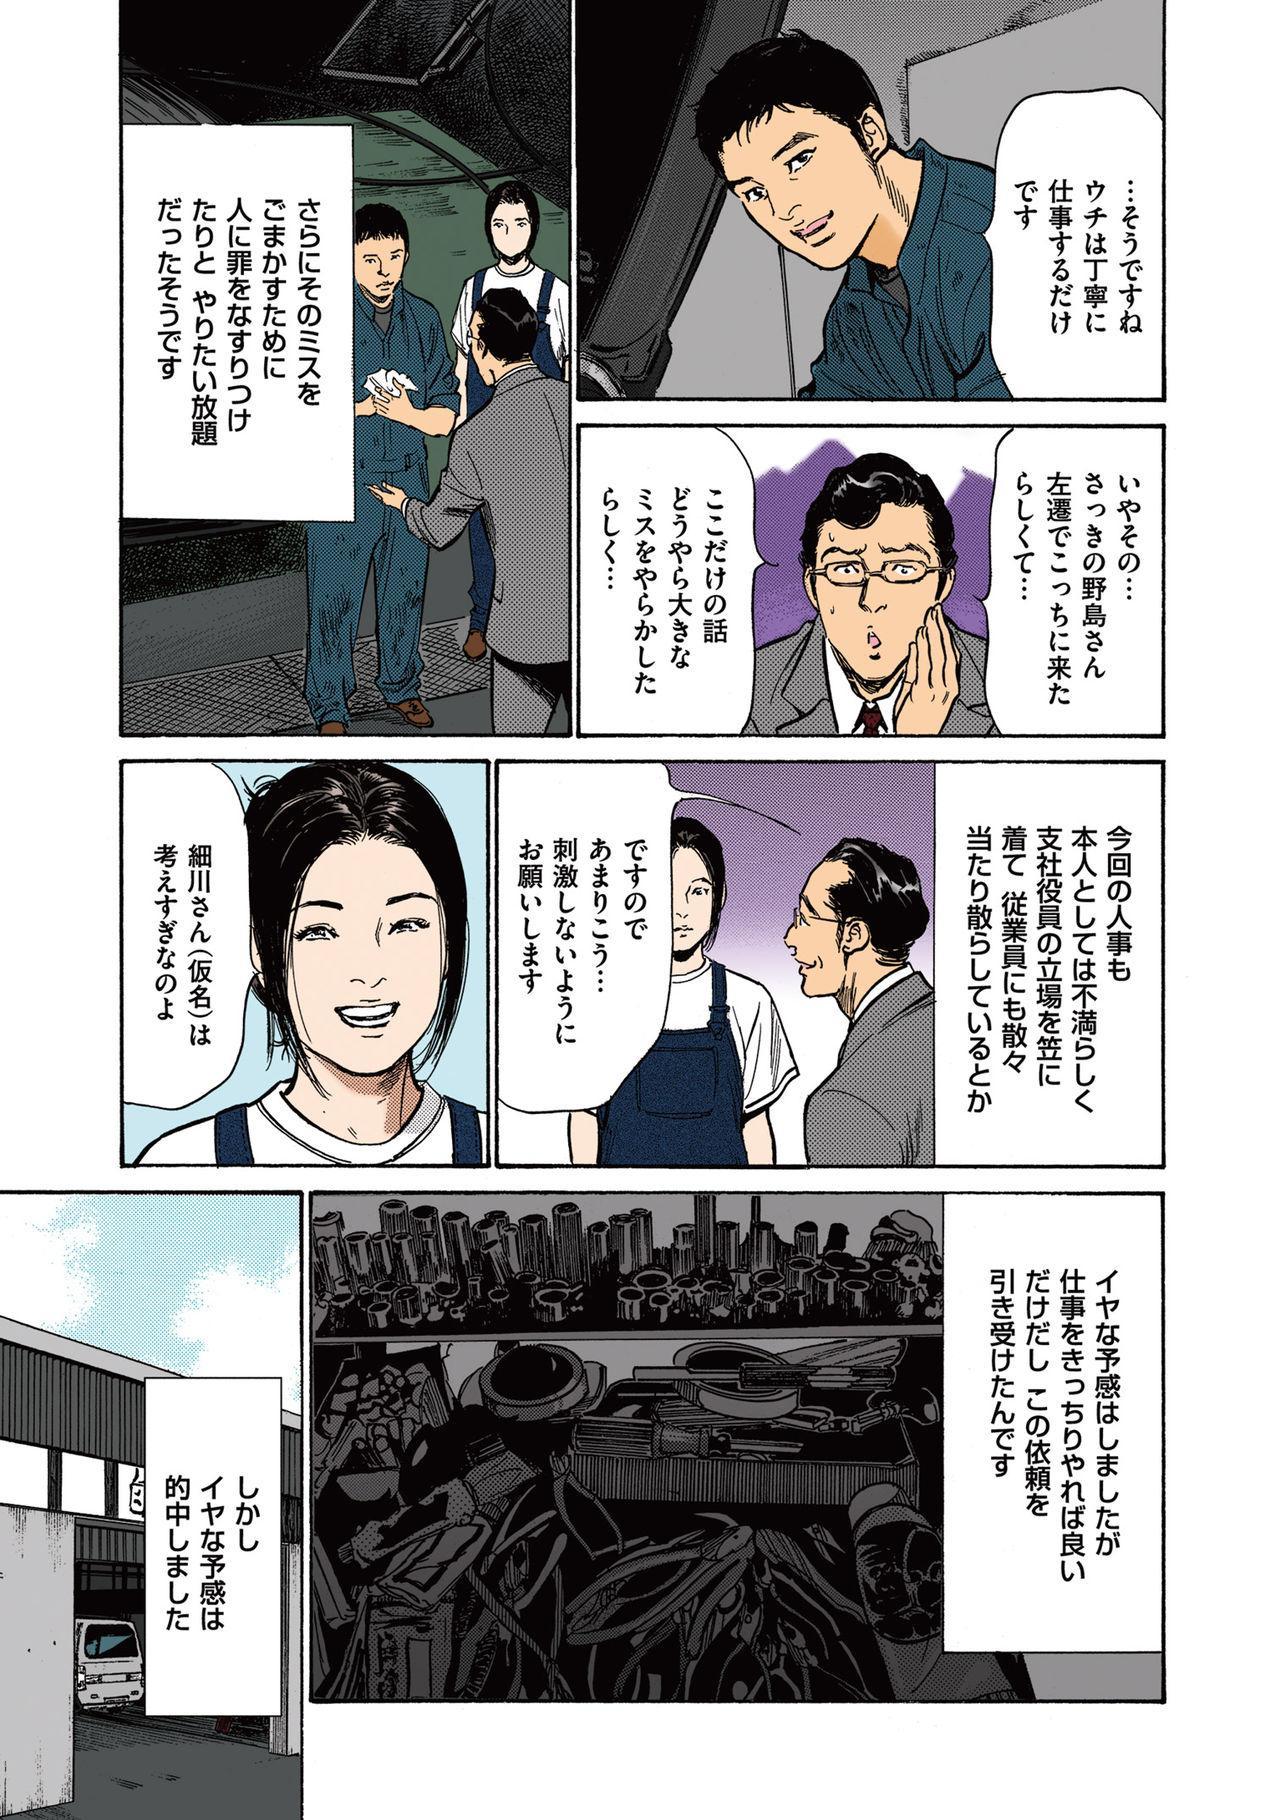 [Hazuki Kaoru] Hazuki Kaoru no Tamaranai Hanashi (Full Color Version) 2-1 72